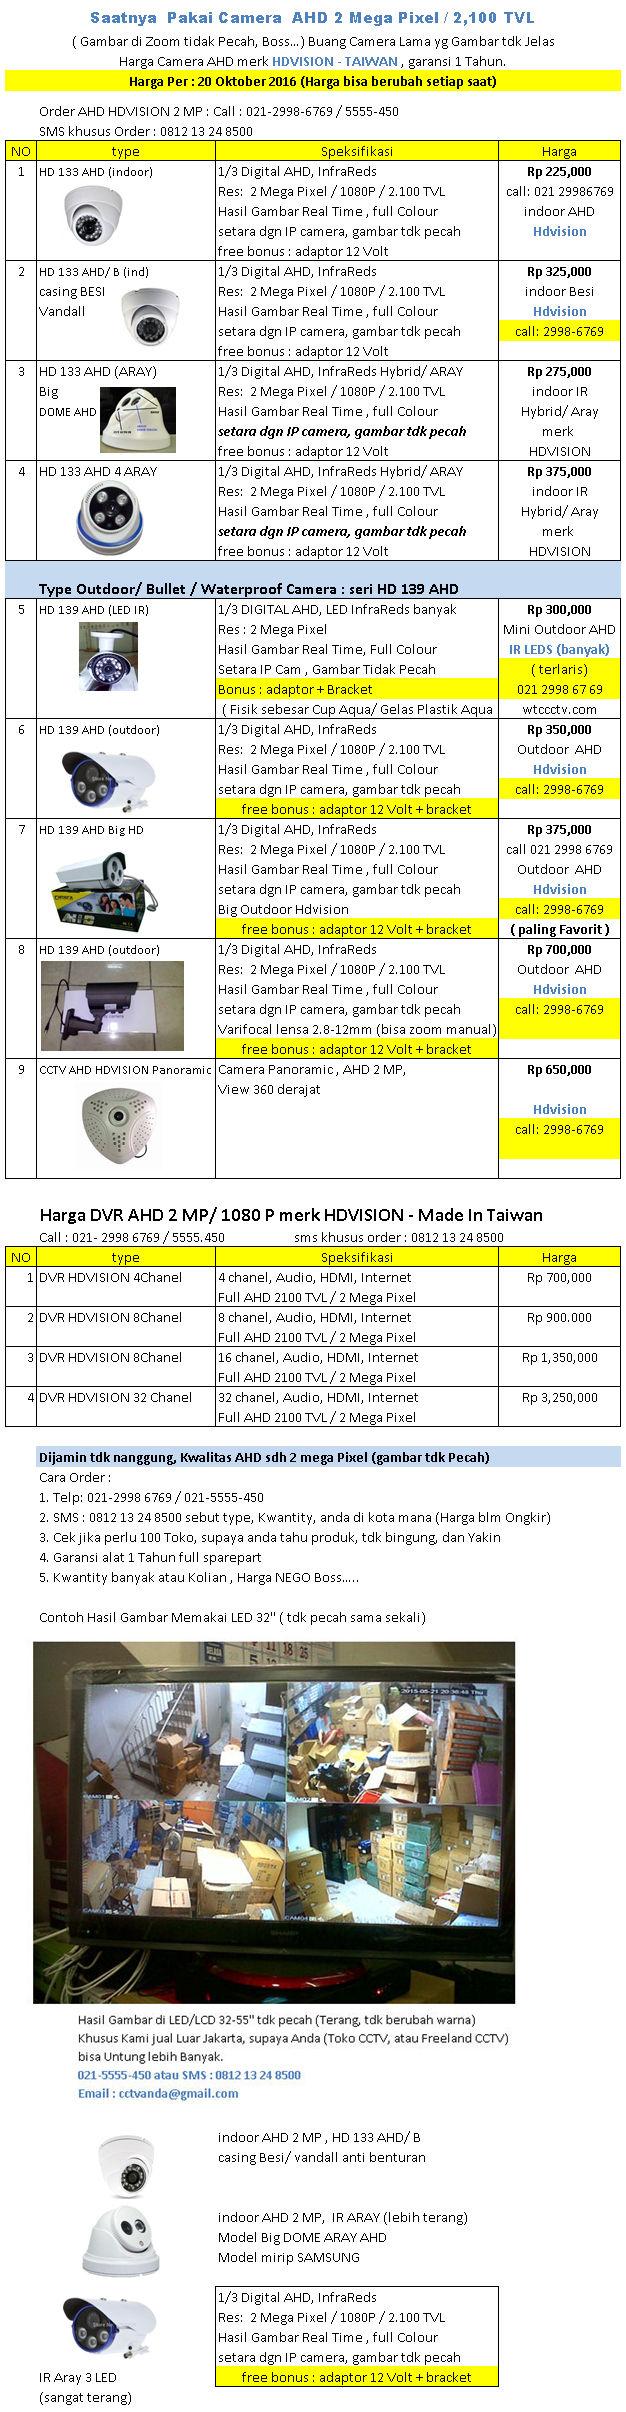 Harga Camera CCTV Merk AHD  Per 20 Oktober 2016 - Avtech Camera